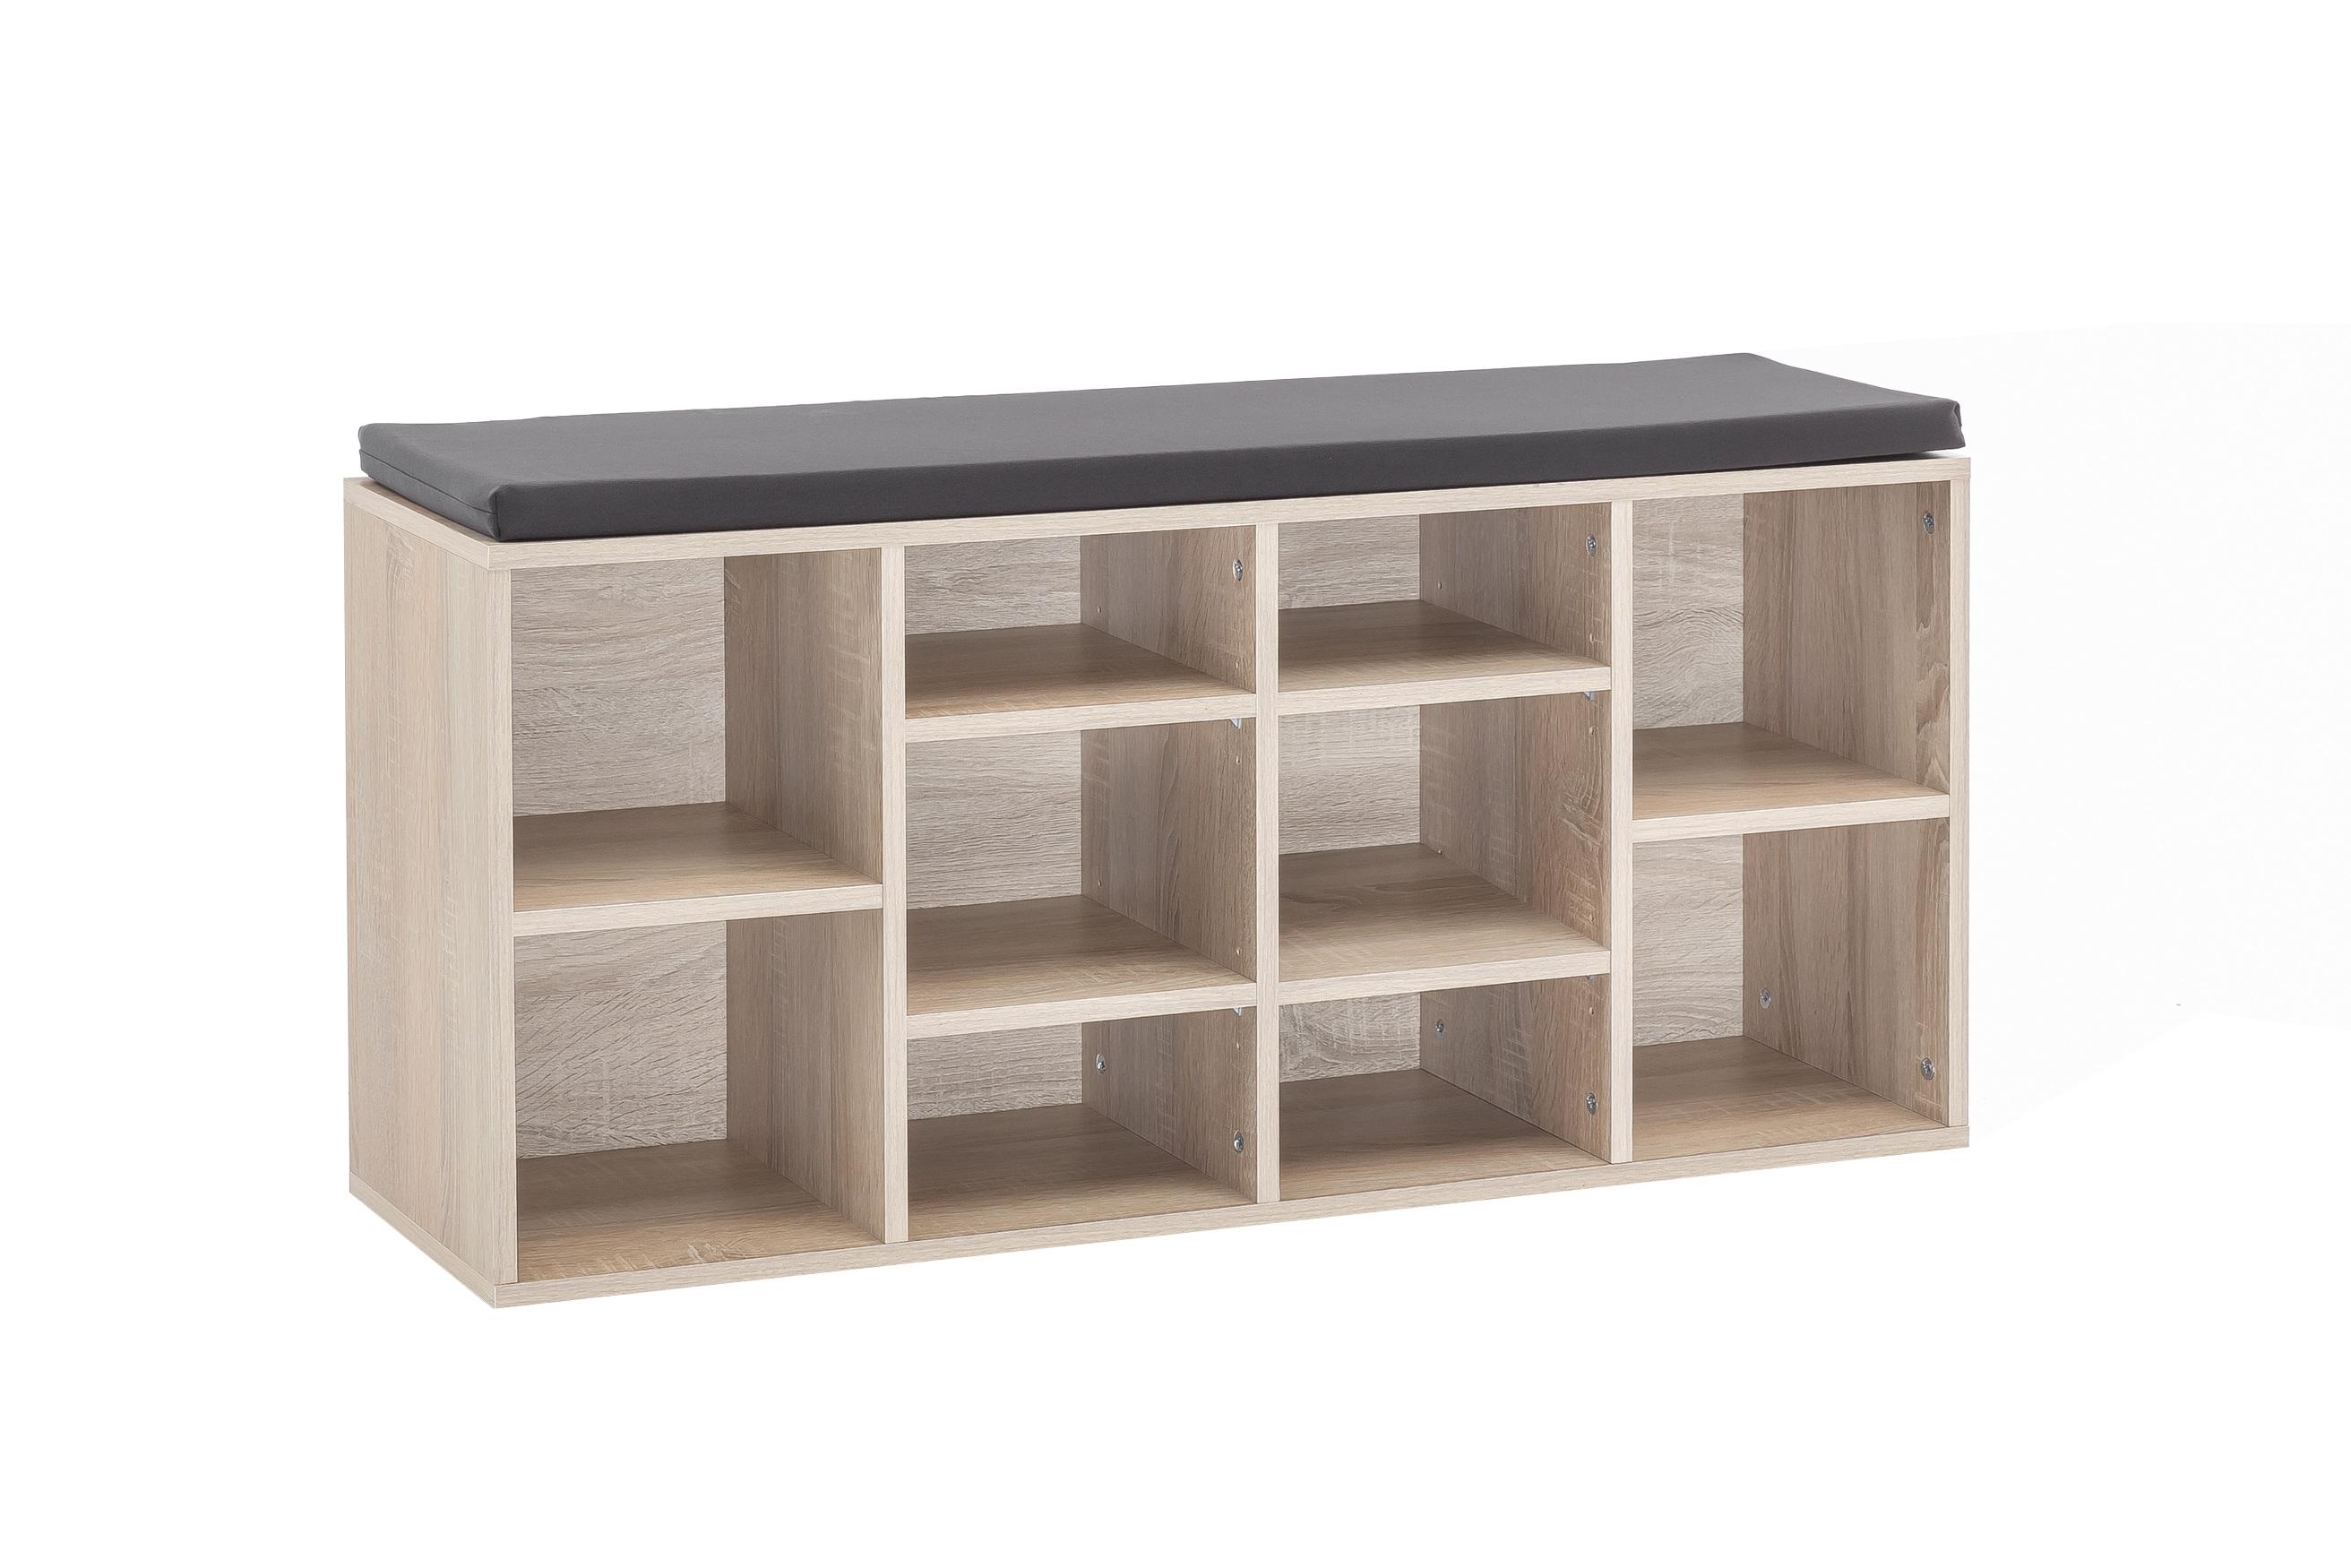 schuhregal emmy mit sitzkissen eiche sonoma wohnen. Black Bedroom Furniture Sets. Home Design Ideas